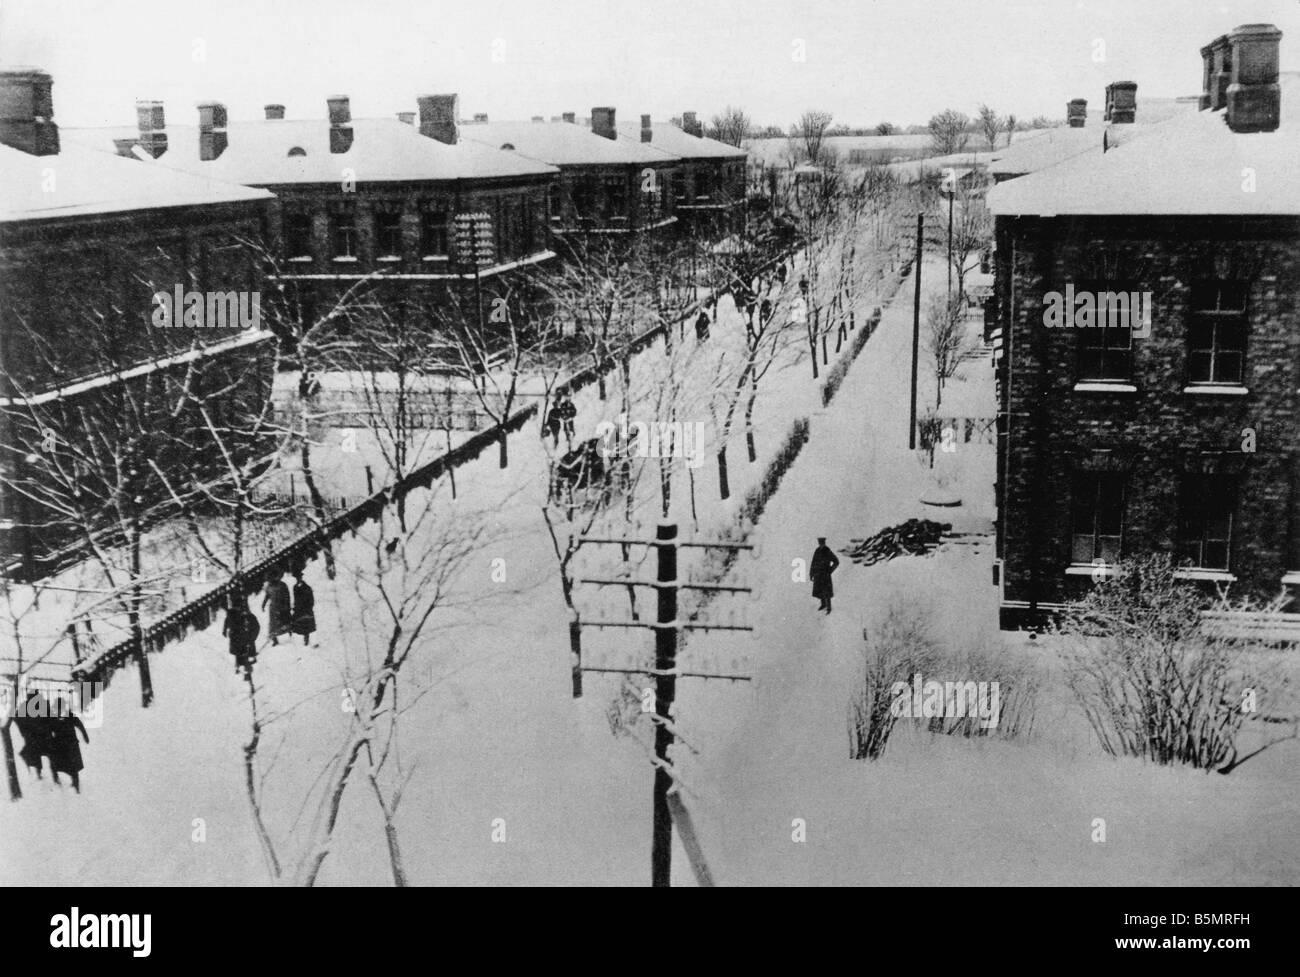 9 1917 1215 A1 13 Brest Litowsk vivant quarts de deleg Guerre Mondiale 1 1914 18 Russian German armistice de Brest Litowsk 15 Décembre Banque D'Images